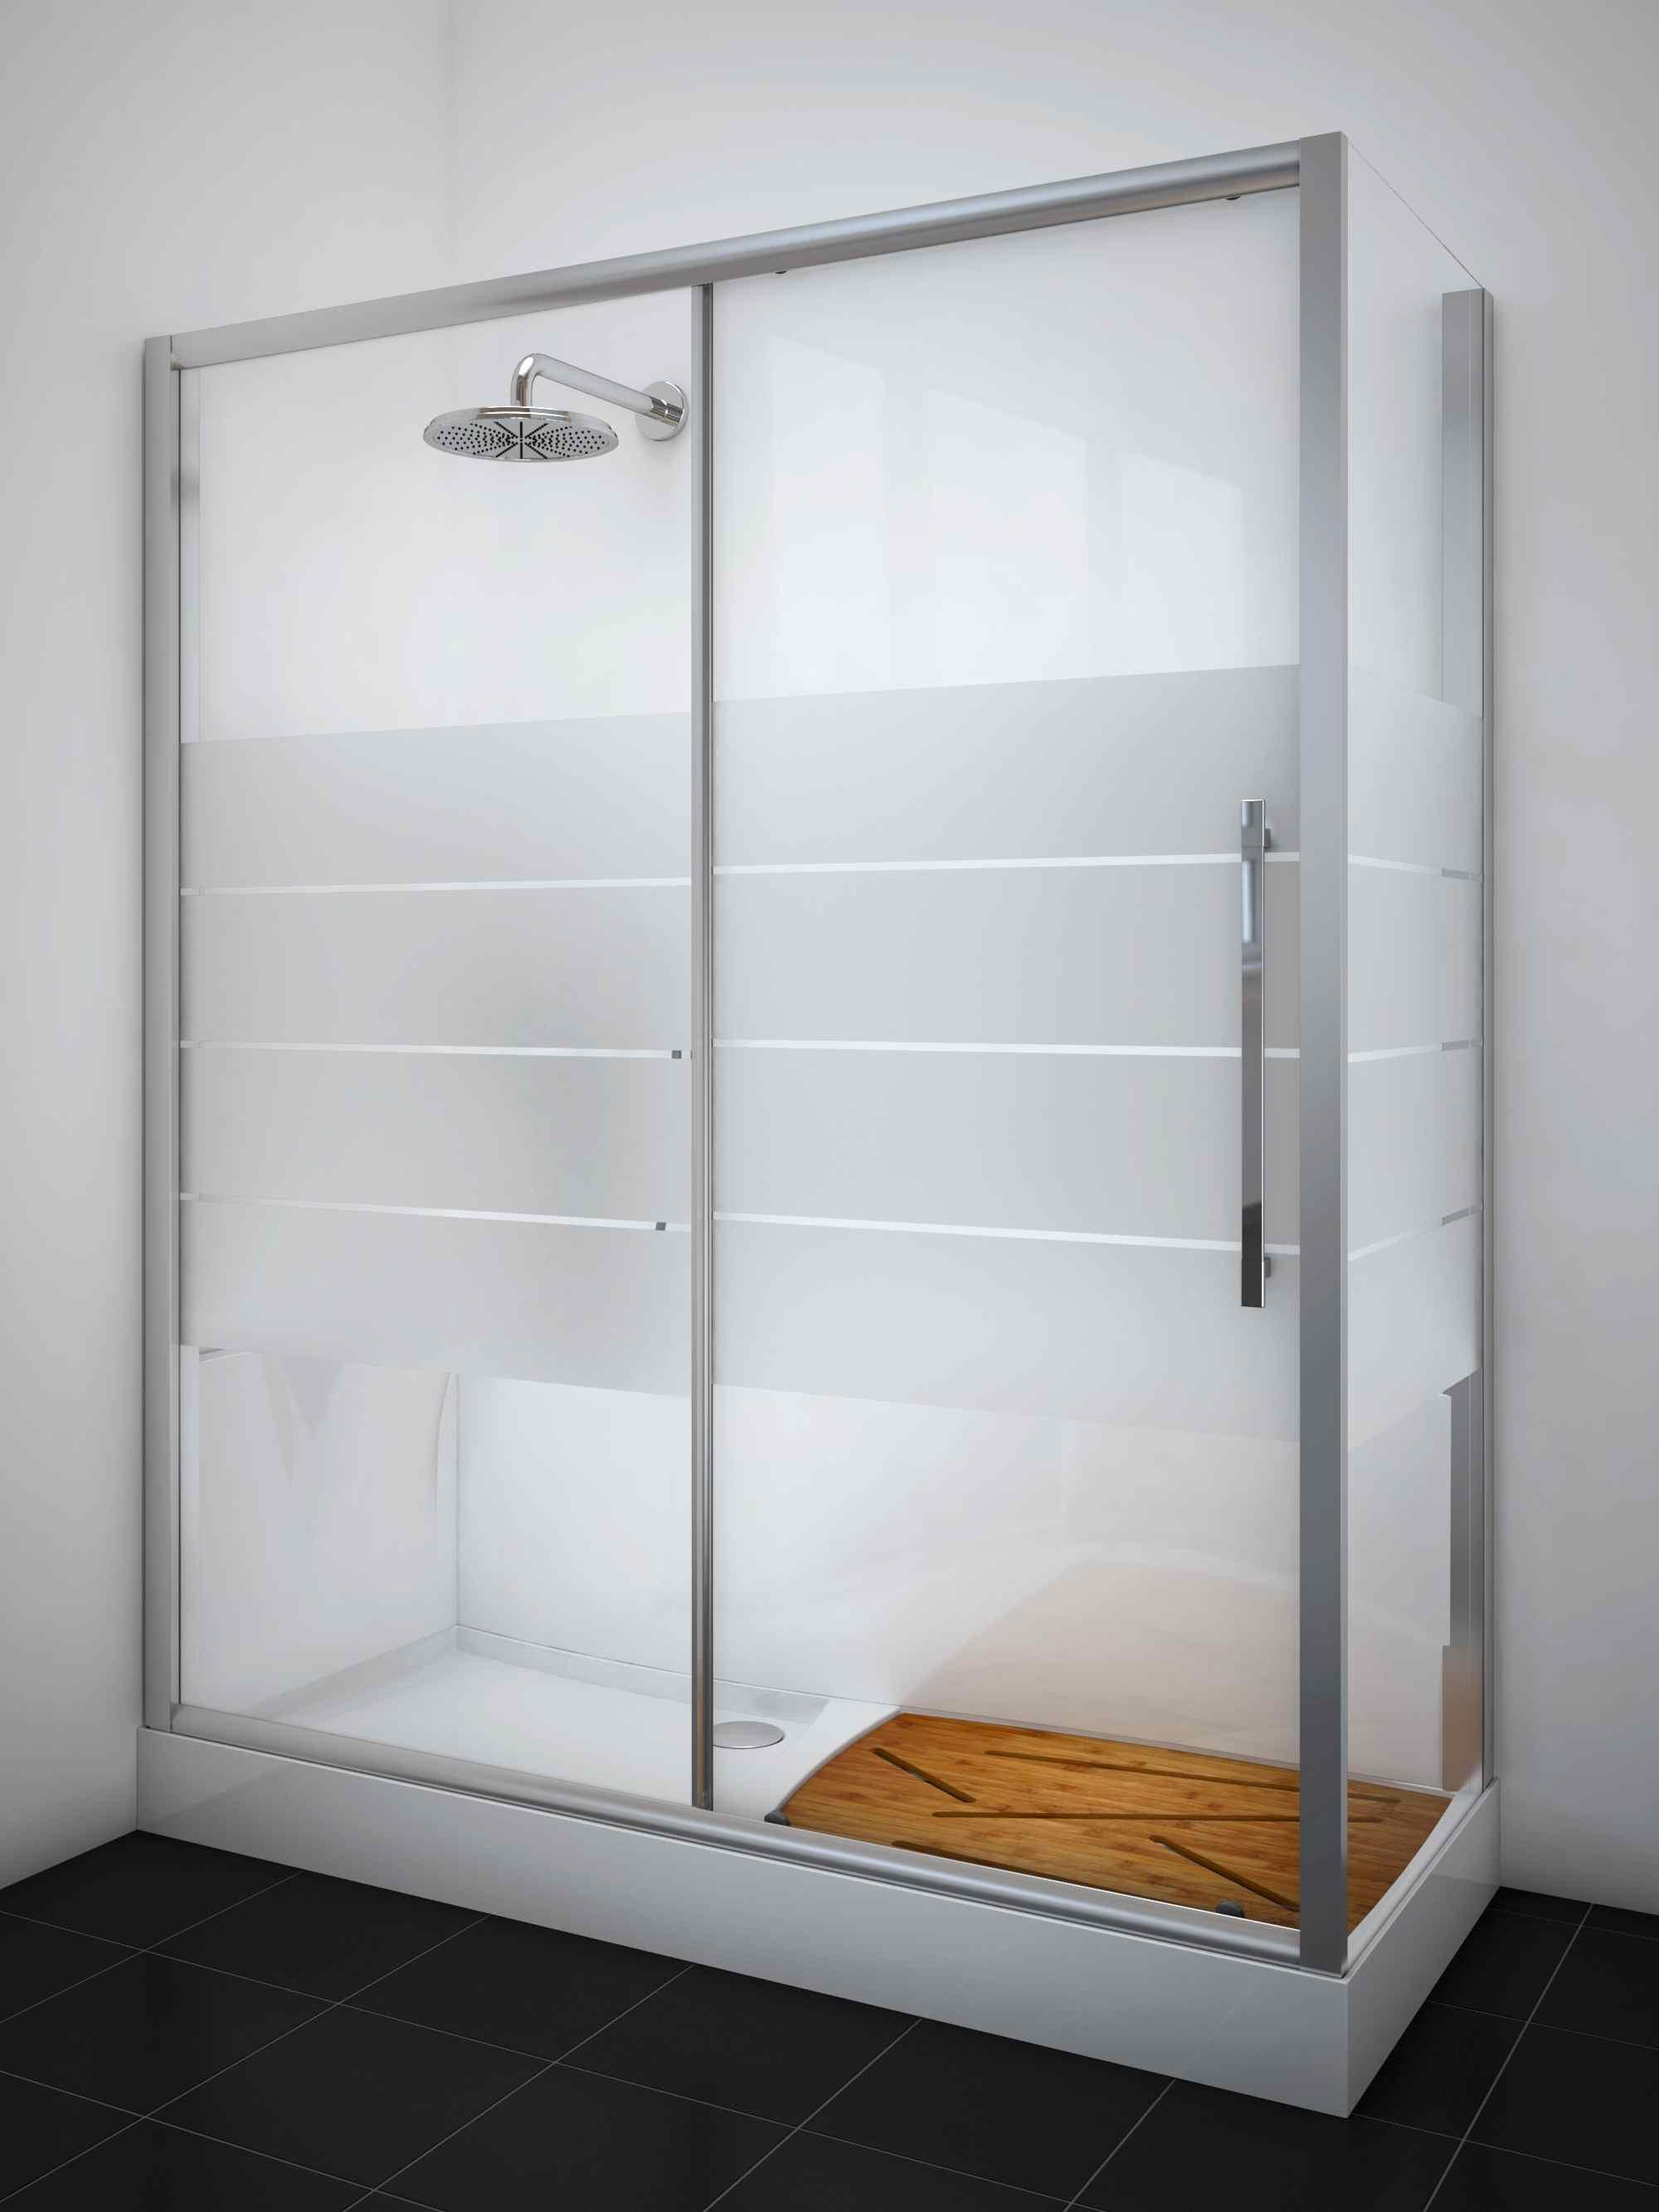 Trasforma facilmente la tua vasca da bagno in doccia senza - Da vasca da bagno a doccia ...